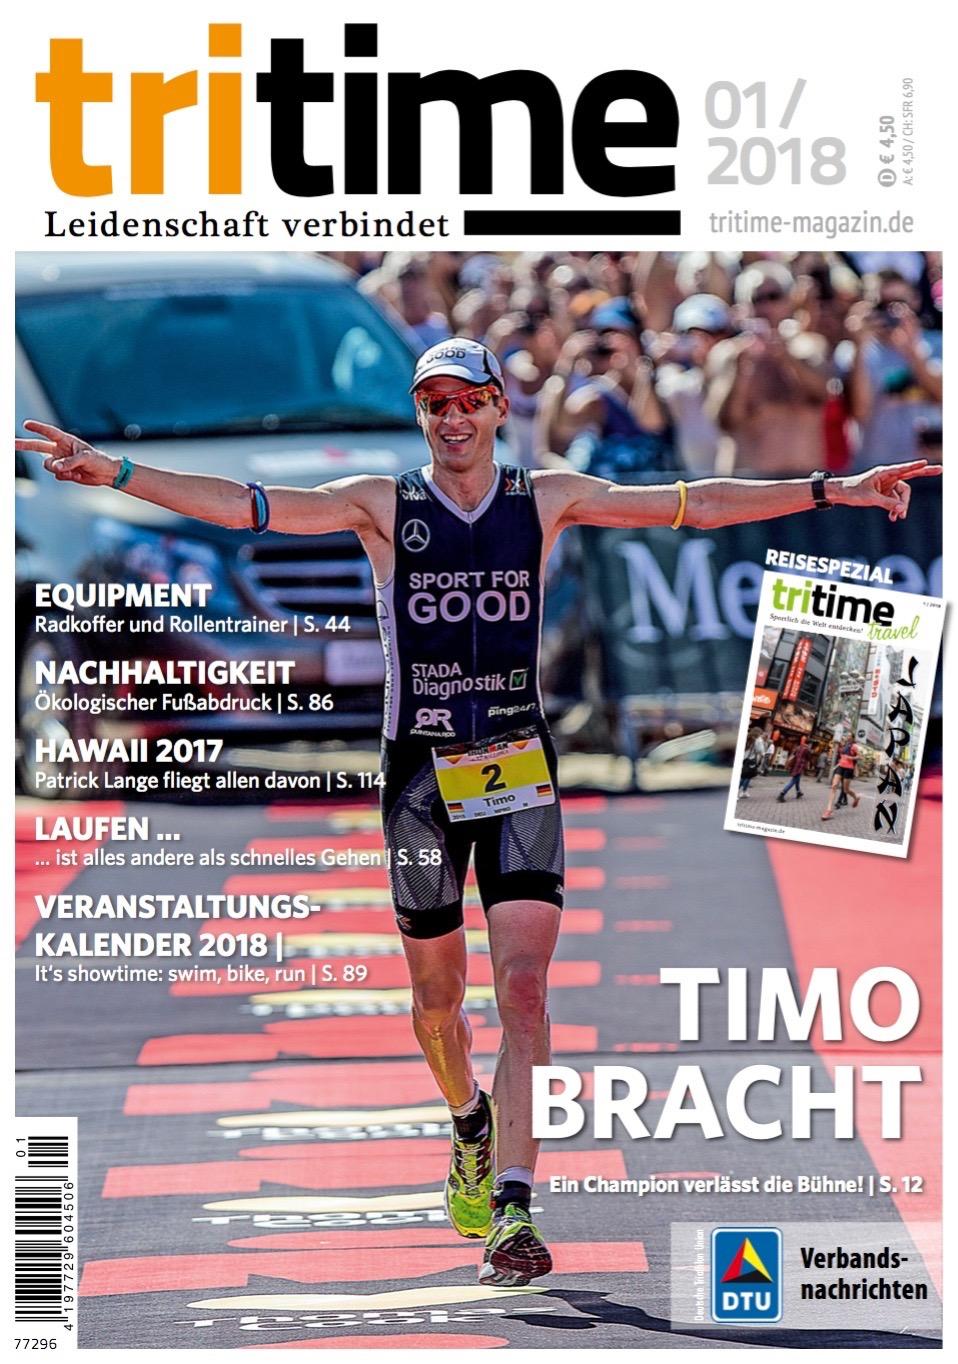 Titelbild tritime #46 |Schwerpunktthema Timo Bracht, Veranstaltungen 2018, Japan